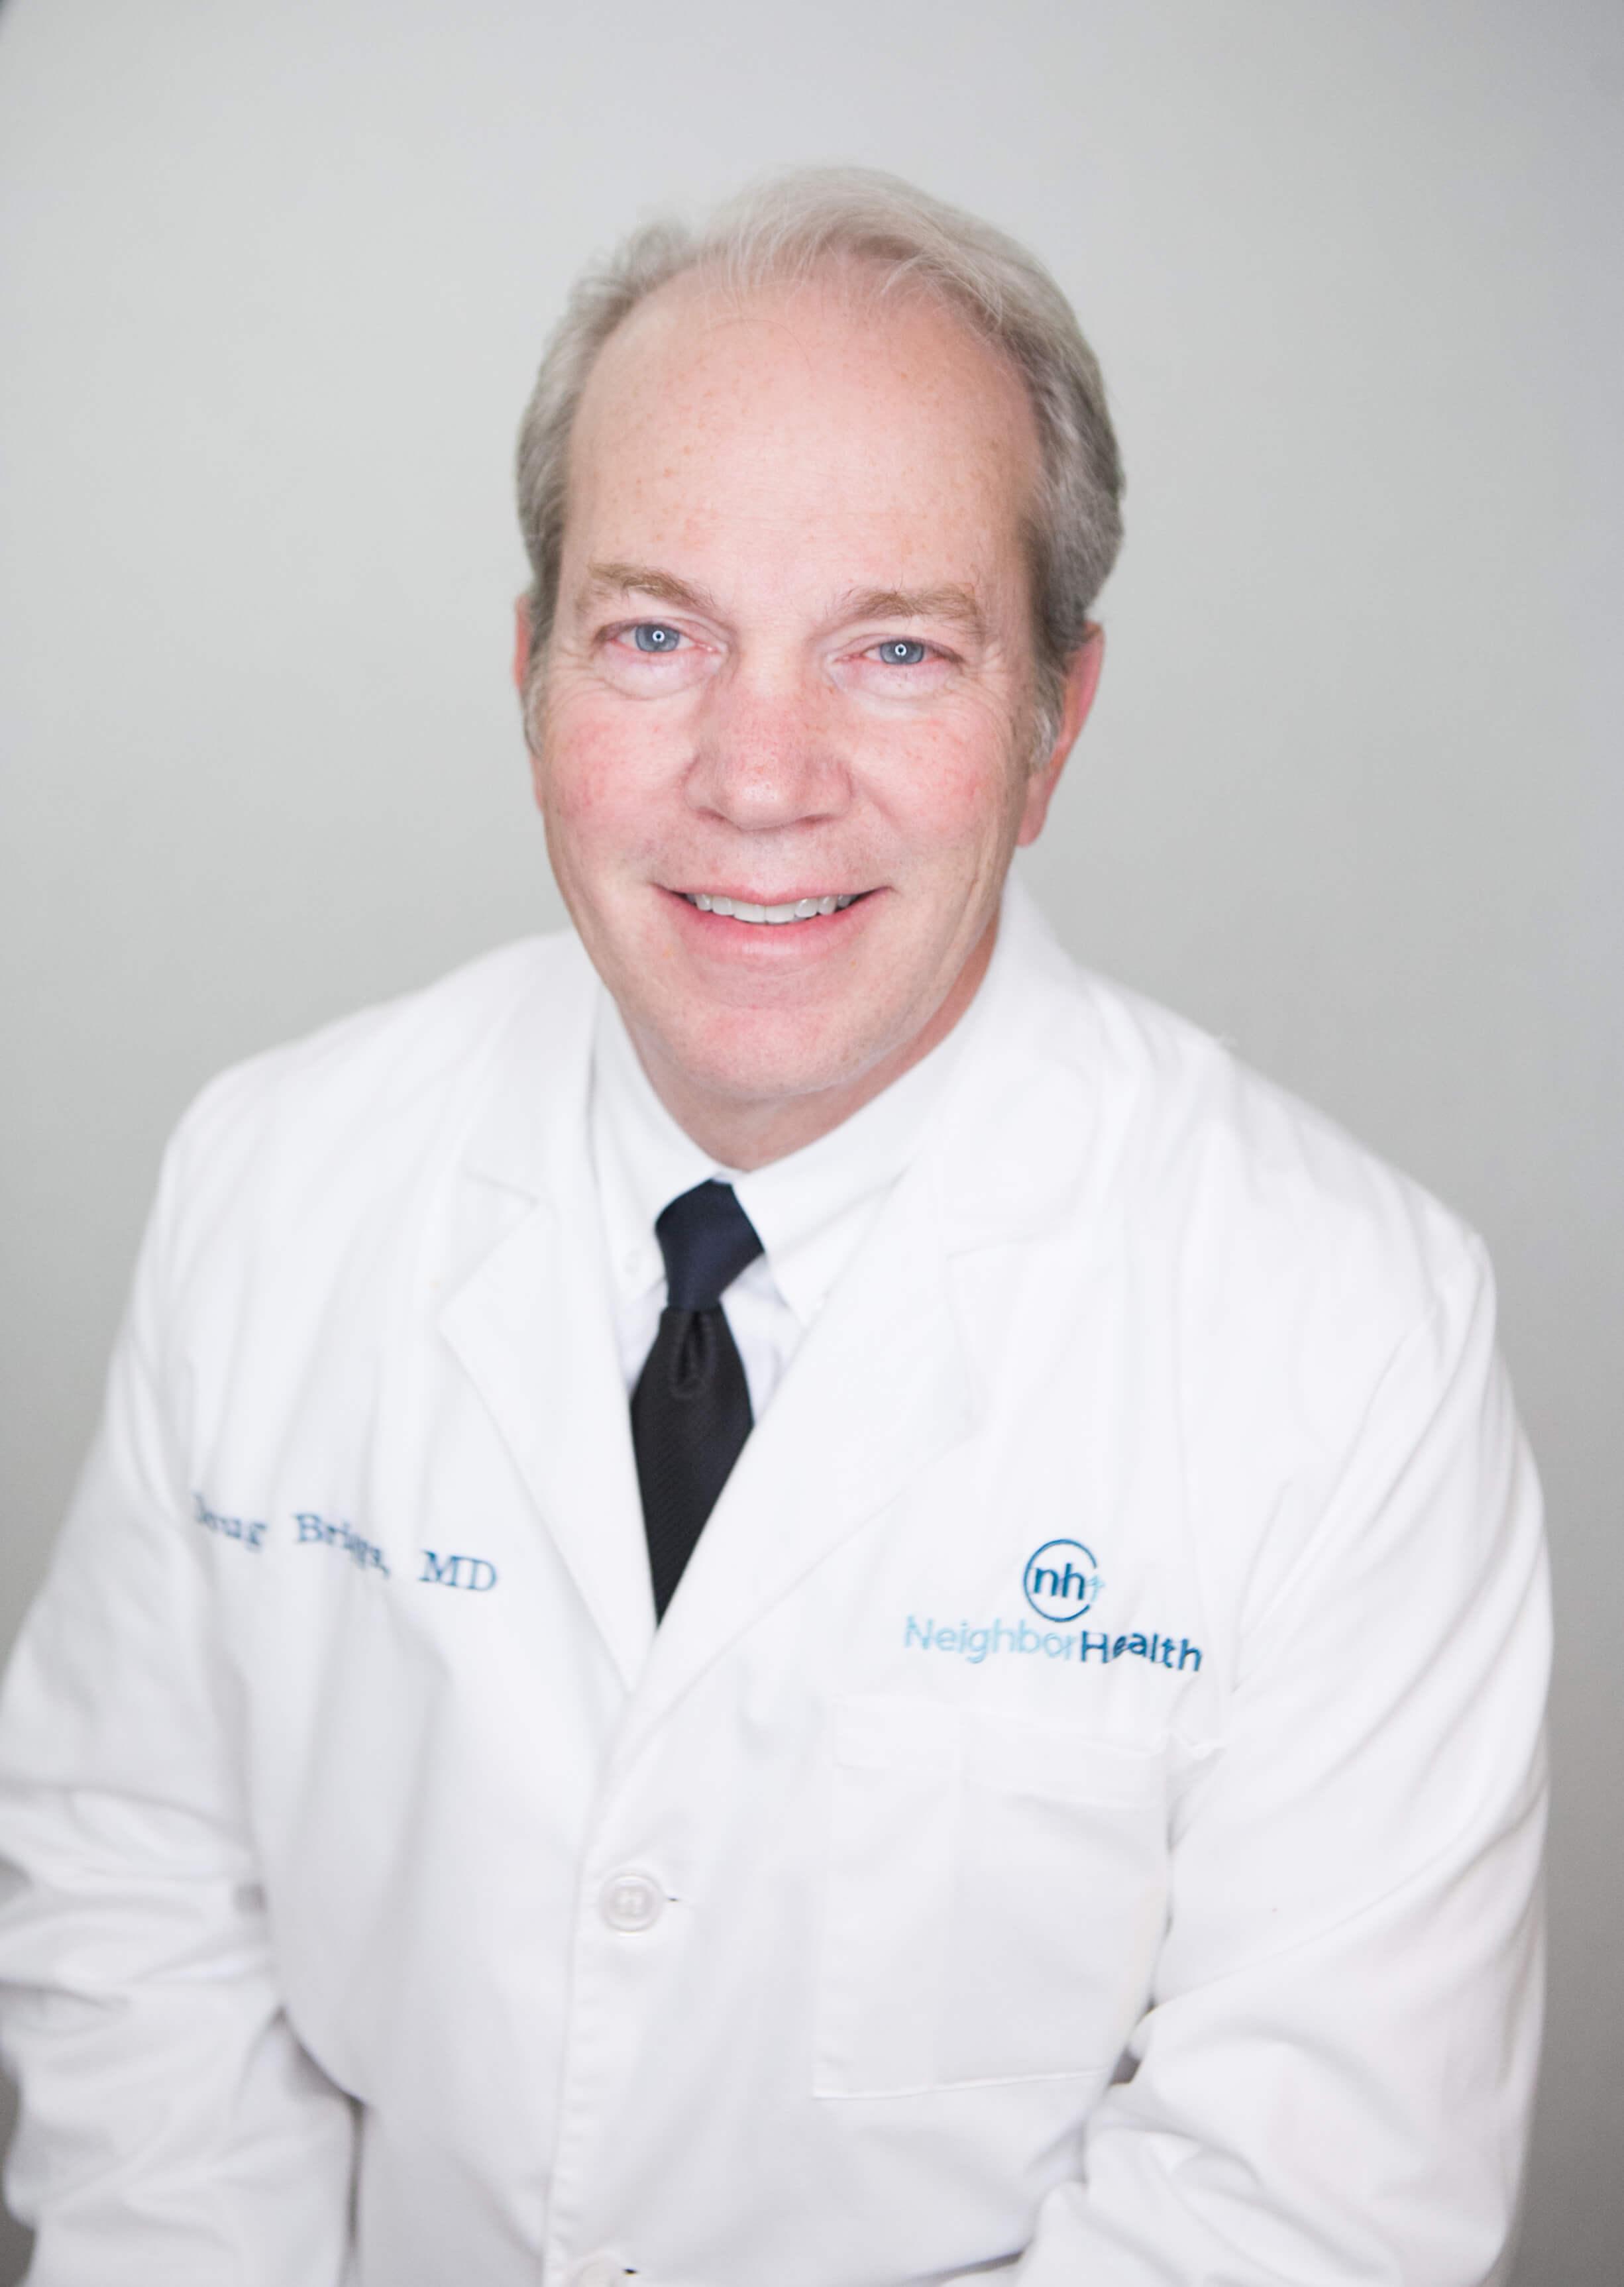 Dr. Doug Briggs